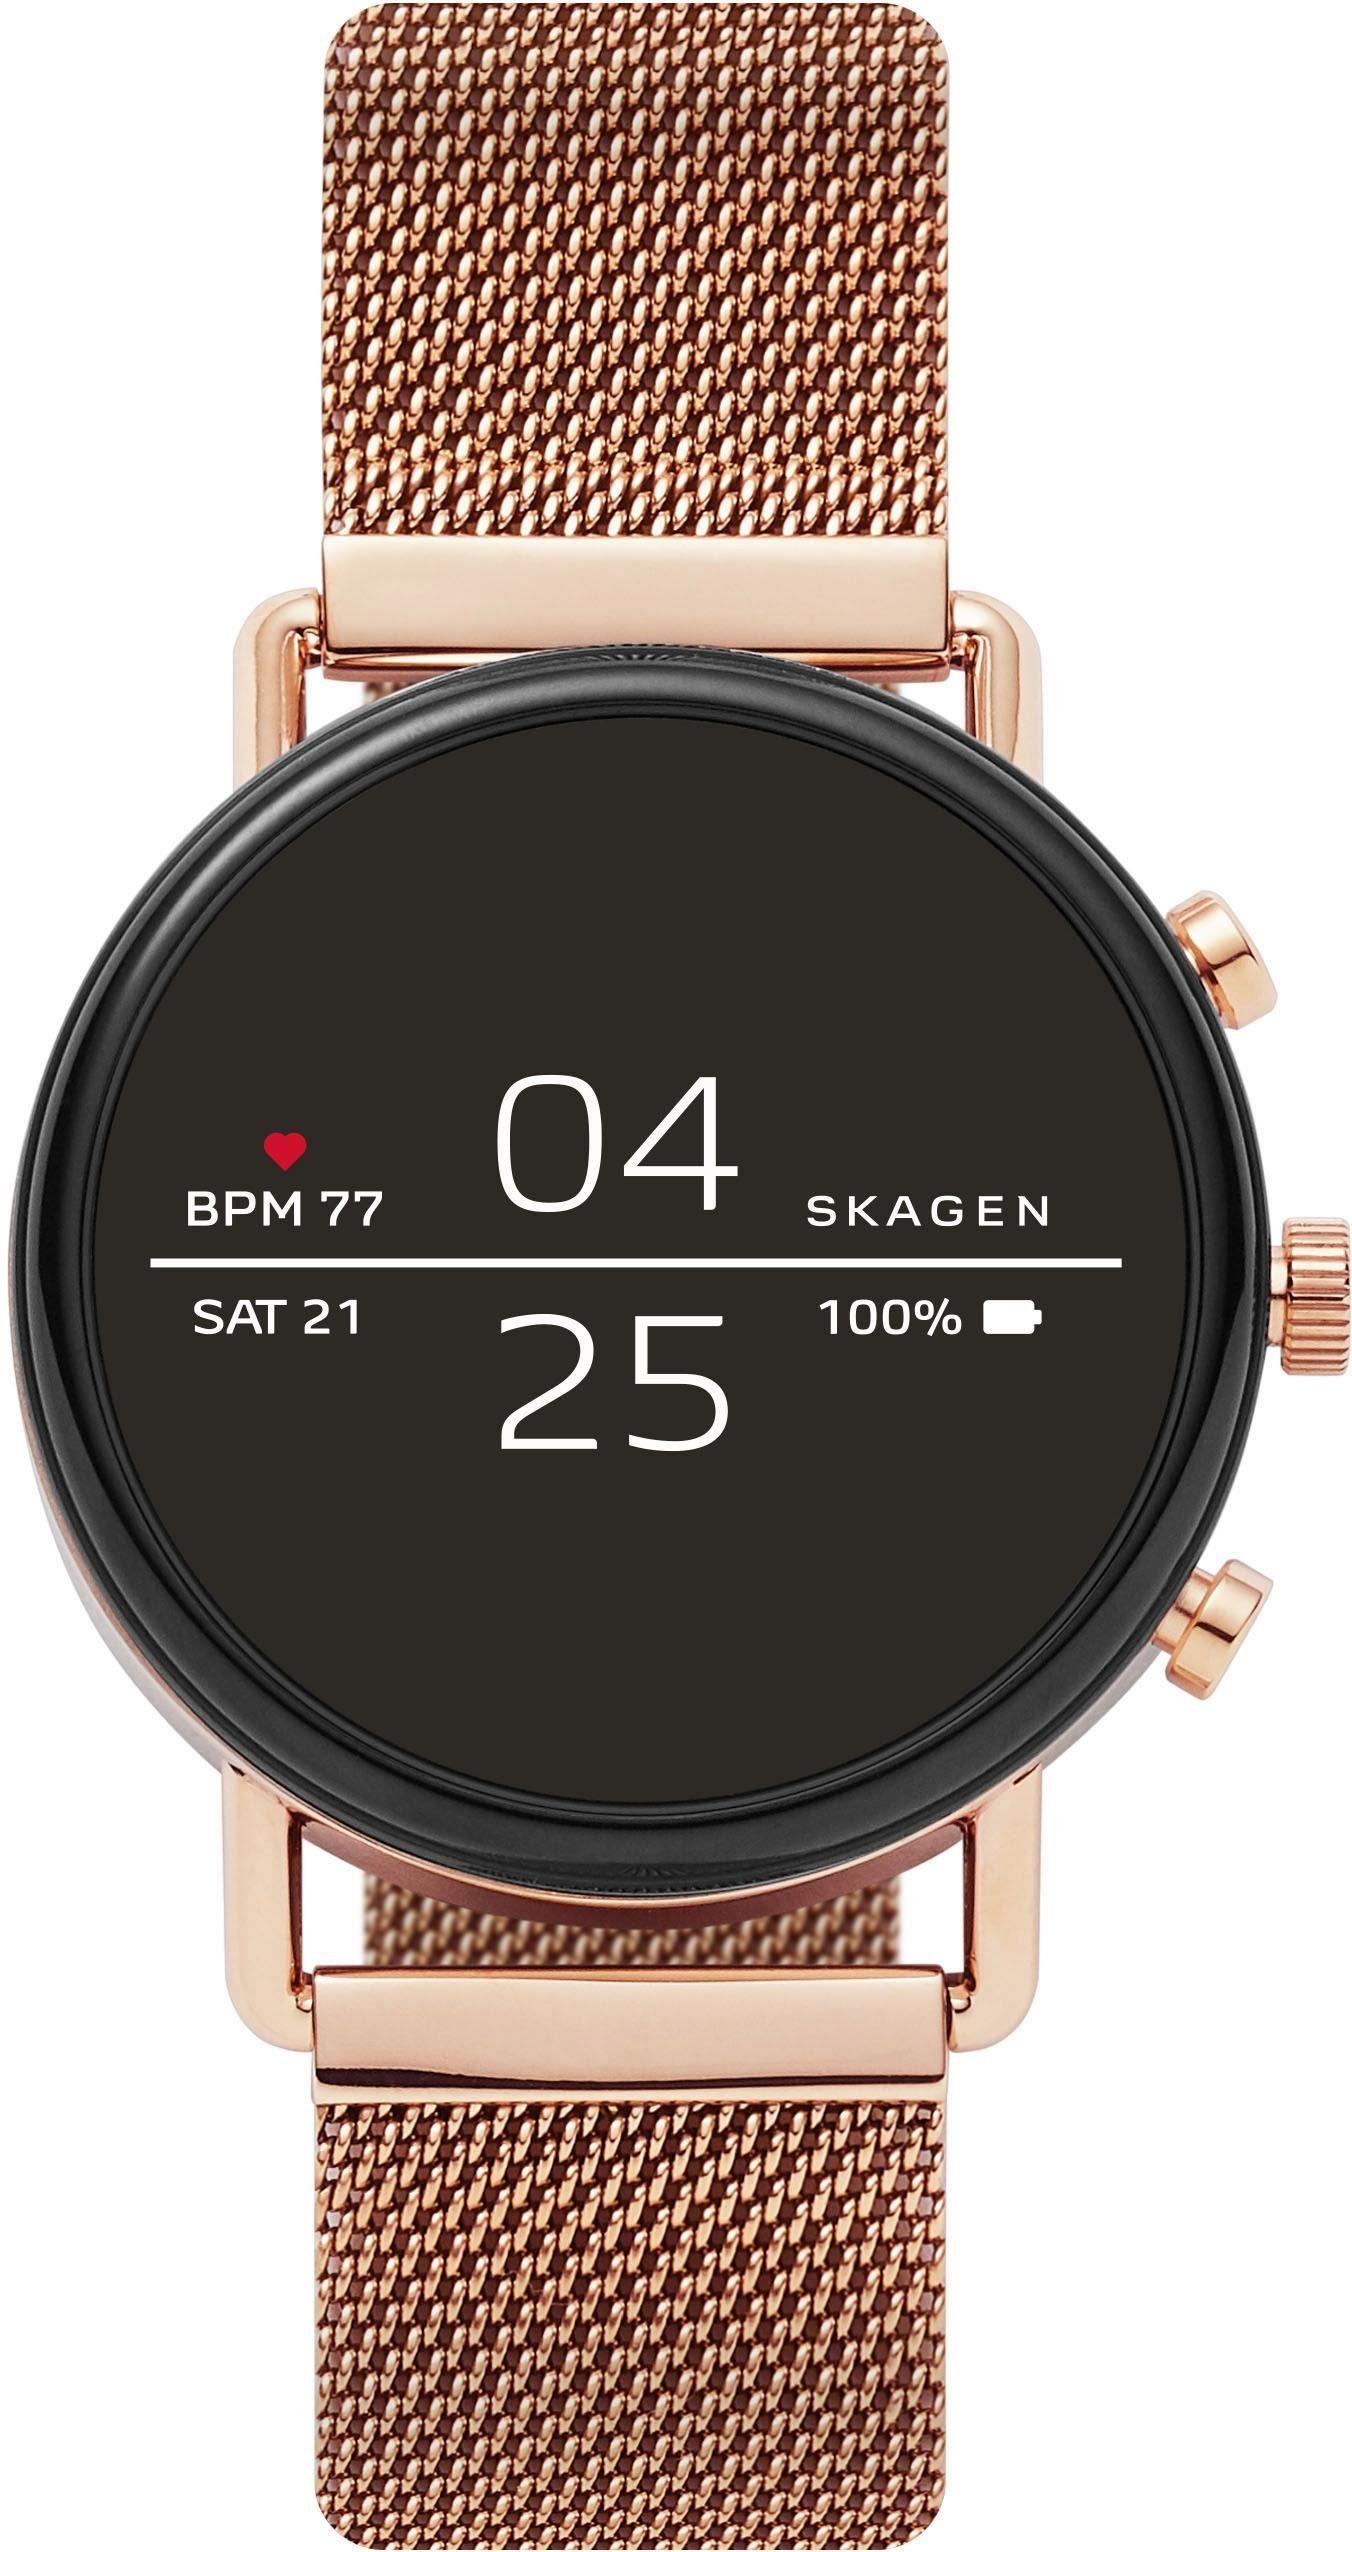 SKAGEN CONNECTED FALSTER, SKT5103 Smartwatch (1,19 Zoll, Wear OS by Google, mit individuell einstellbarem Zifferblatt)